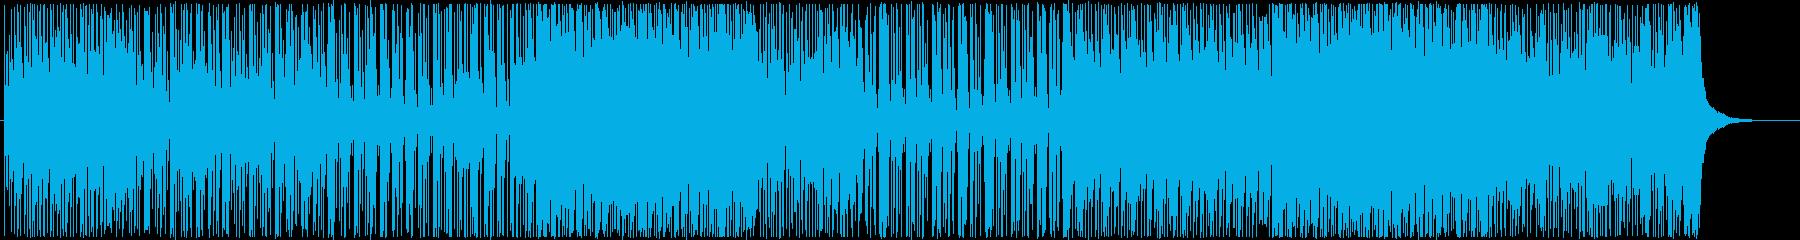 元気で前向きなポップ-インストロックの再生済みの波形